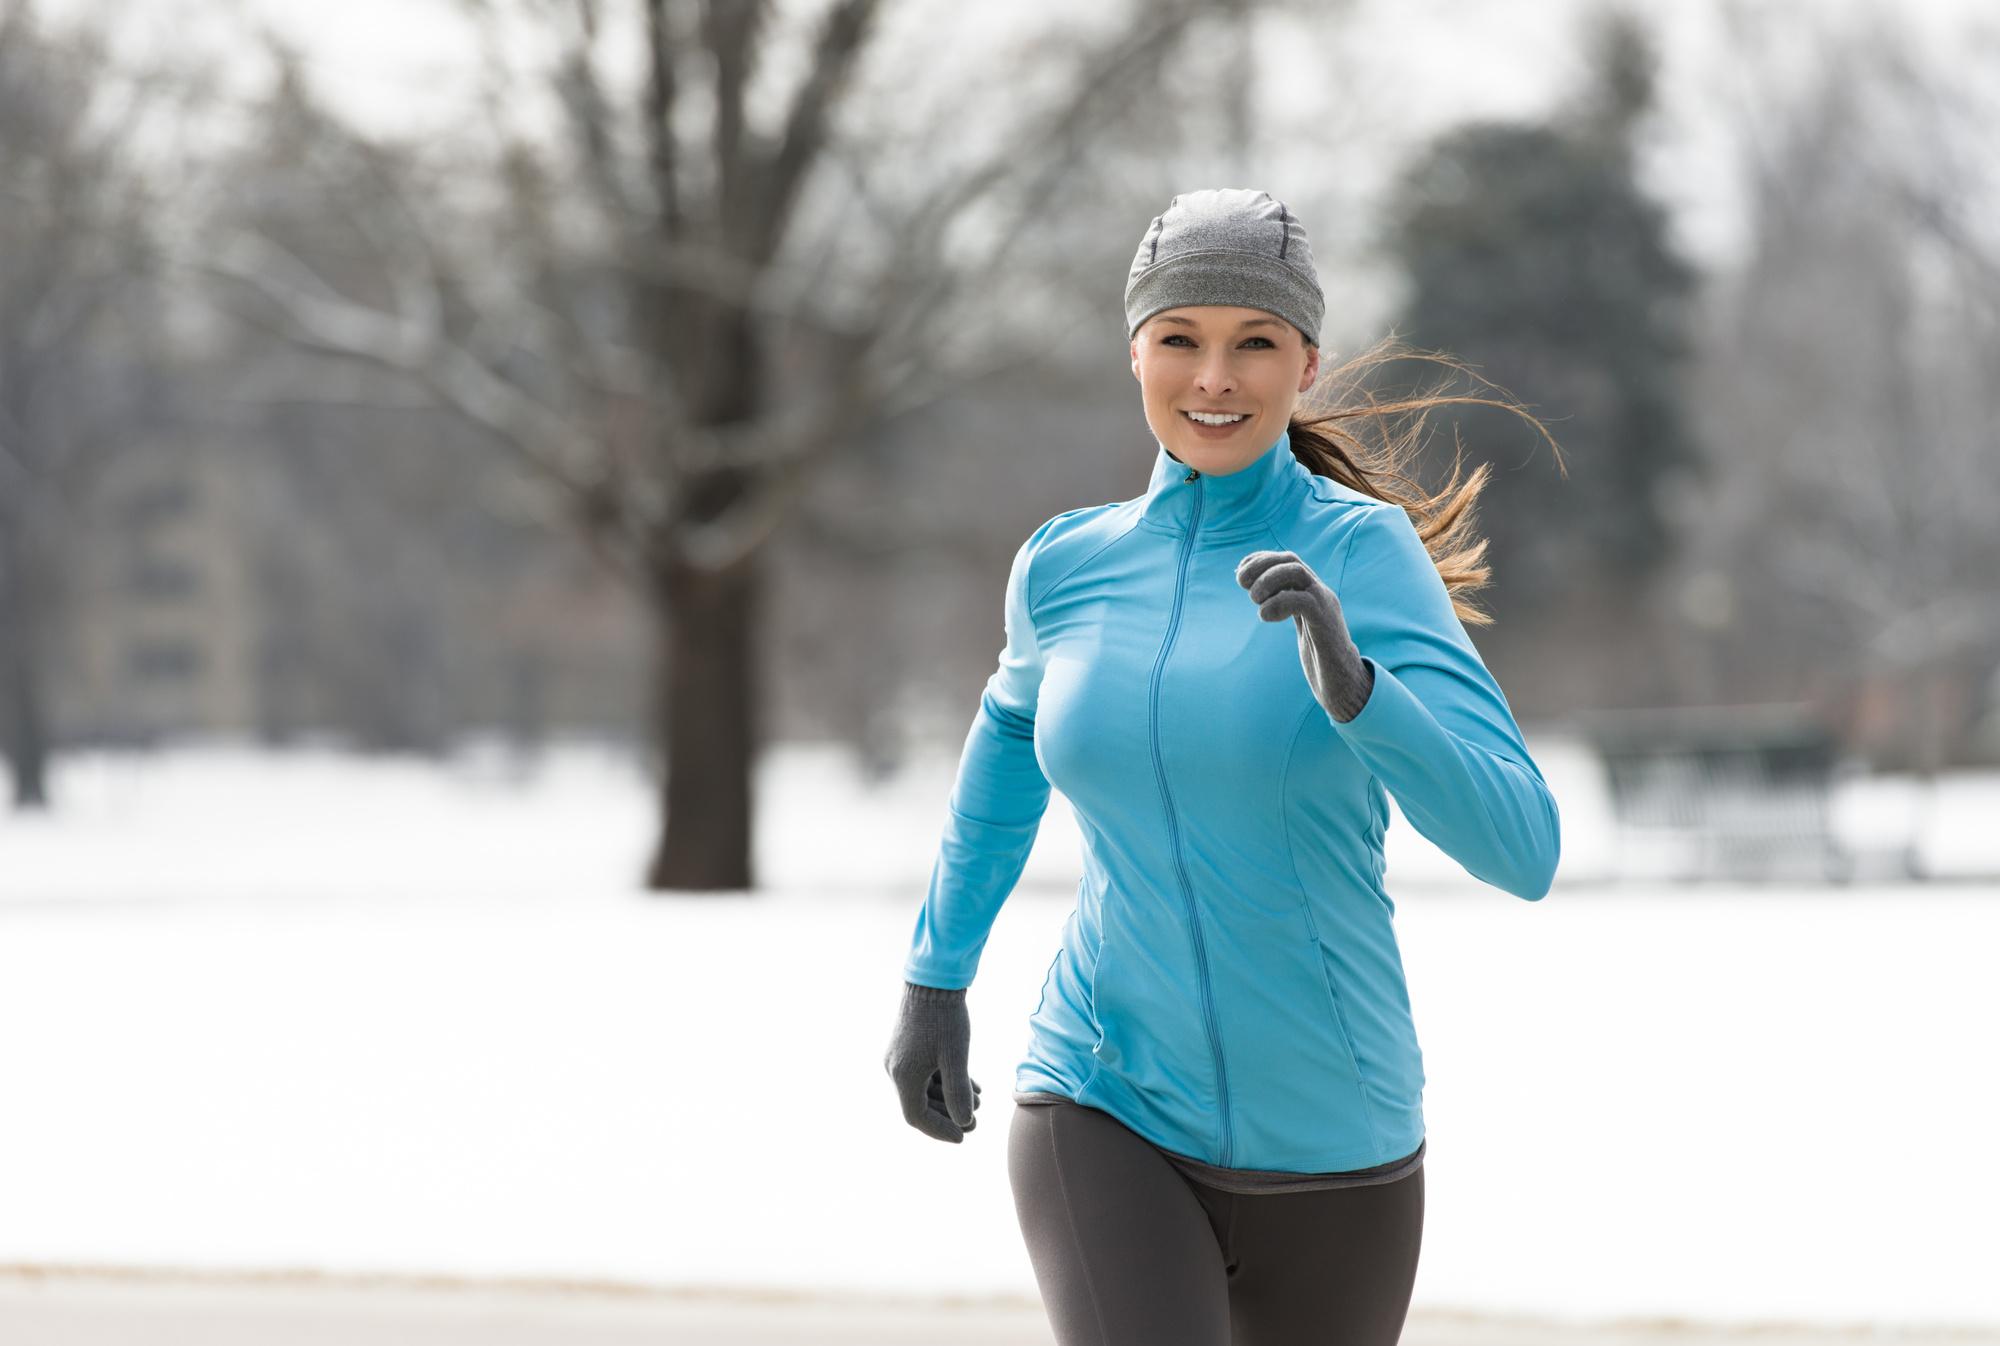 Kış Geldi Diye Koşuyu Bırakma!